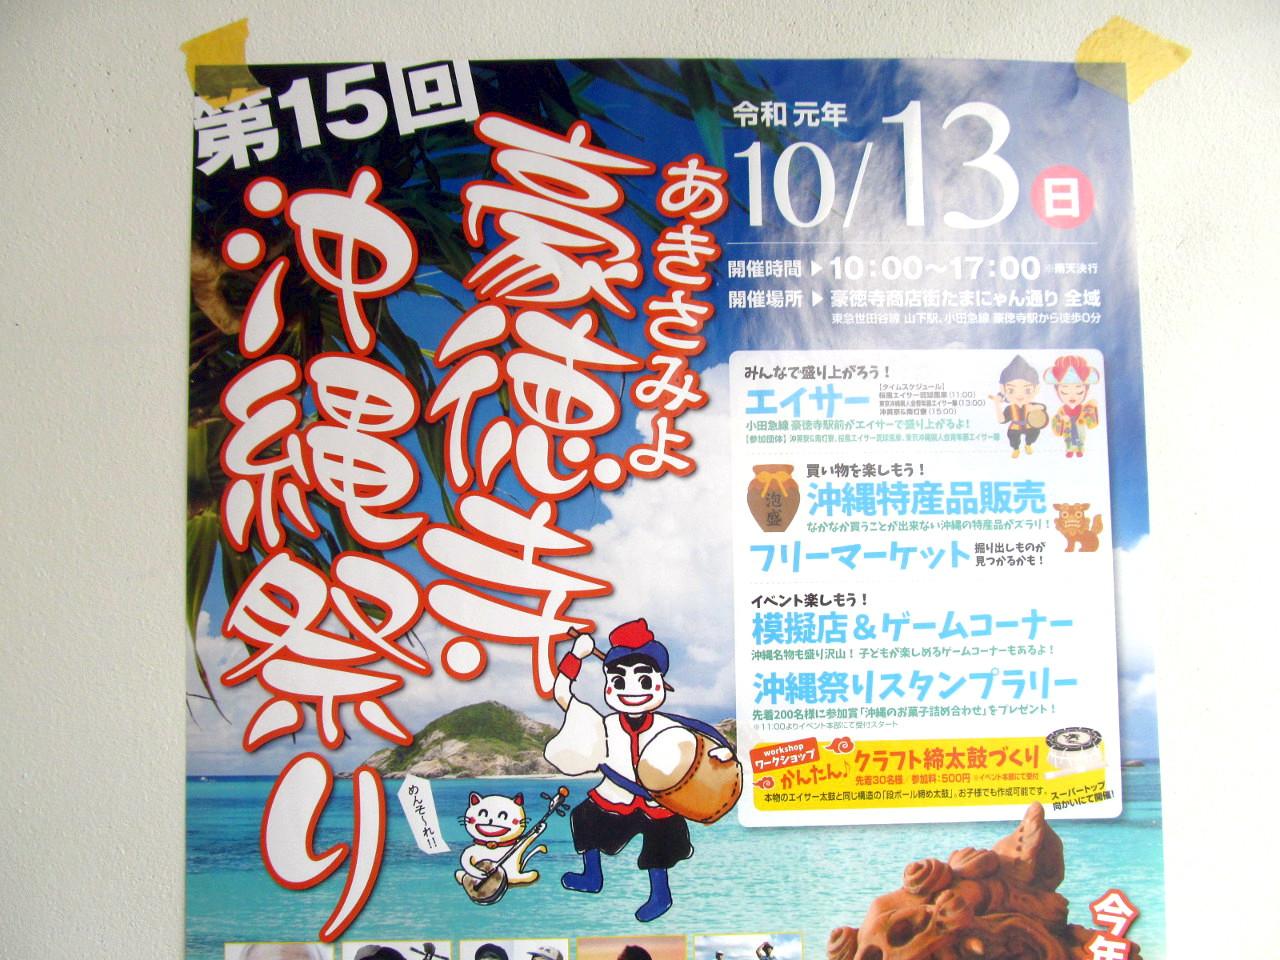 第15回あきさみよ豪徳寺沖縄祭り開催アイキャッチ1280調整後